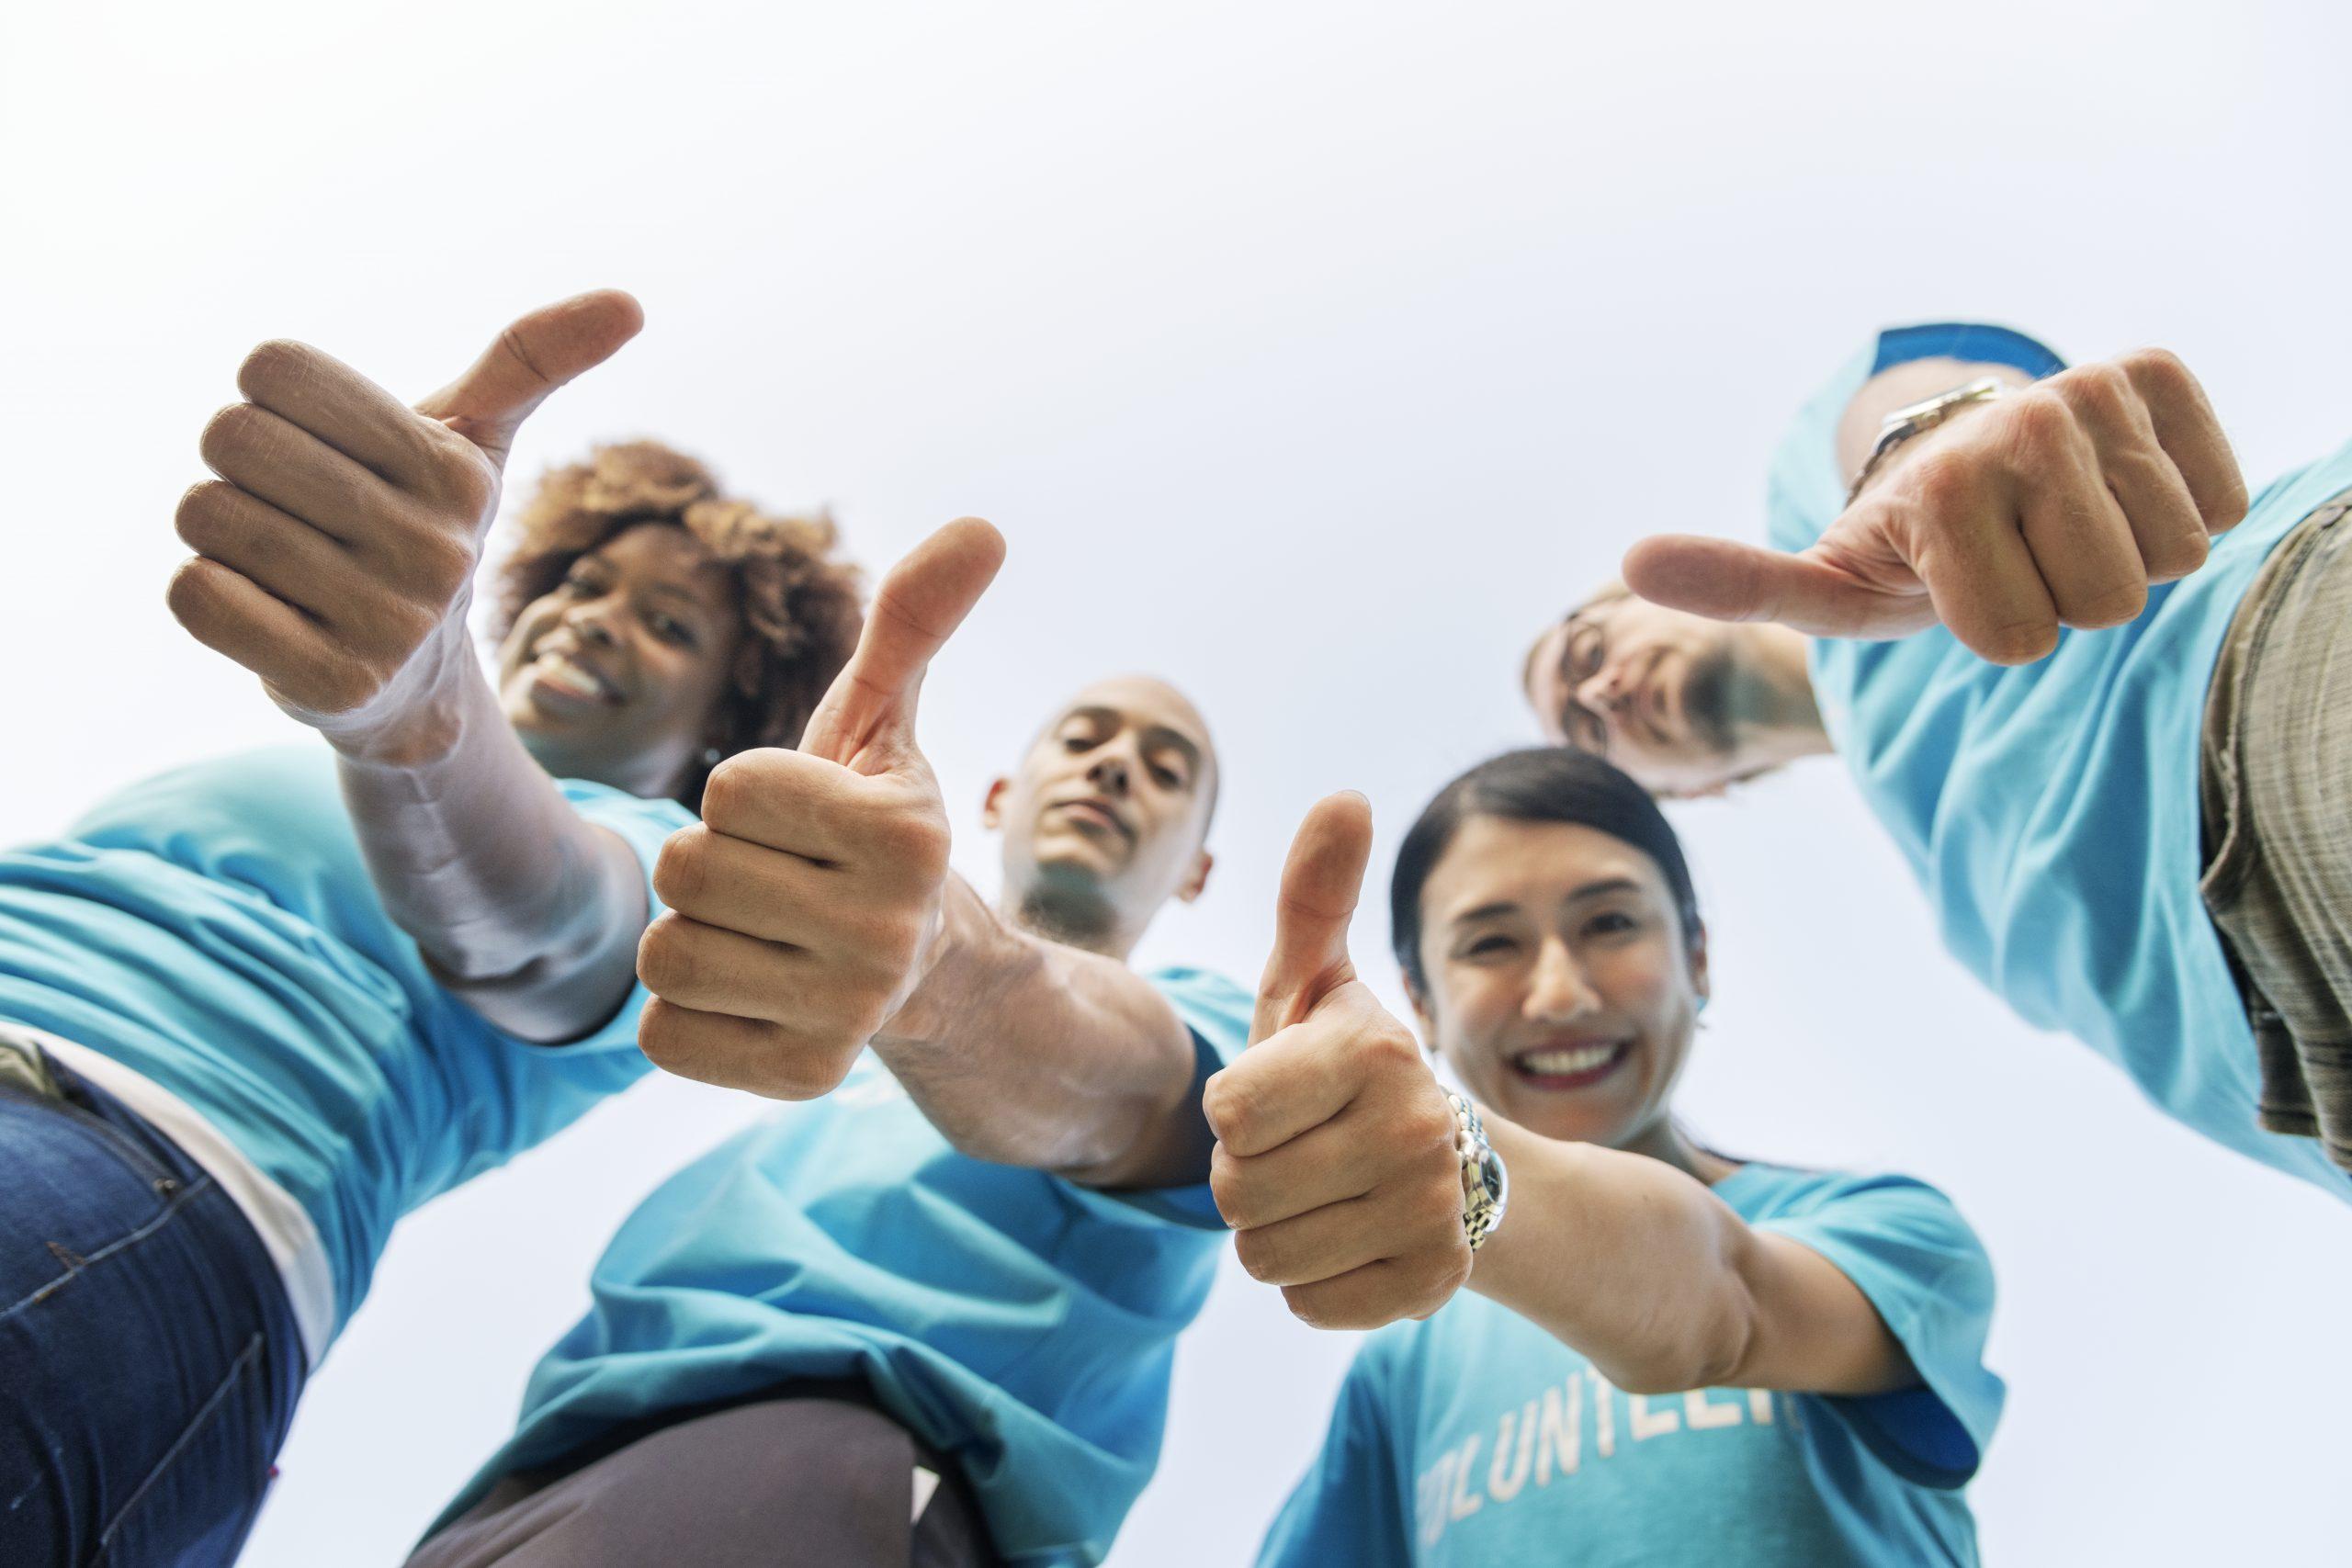 Chương trình Oracle NetSuite Social Impact dành cho các Tổ chức Phi lợi nhuận tại Việt Nam